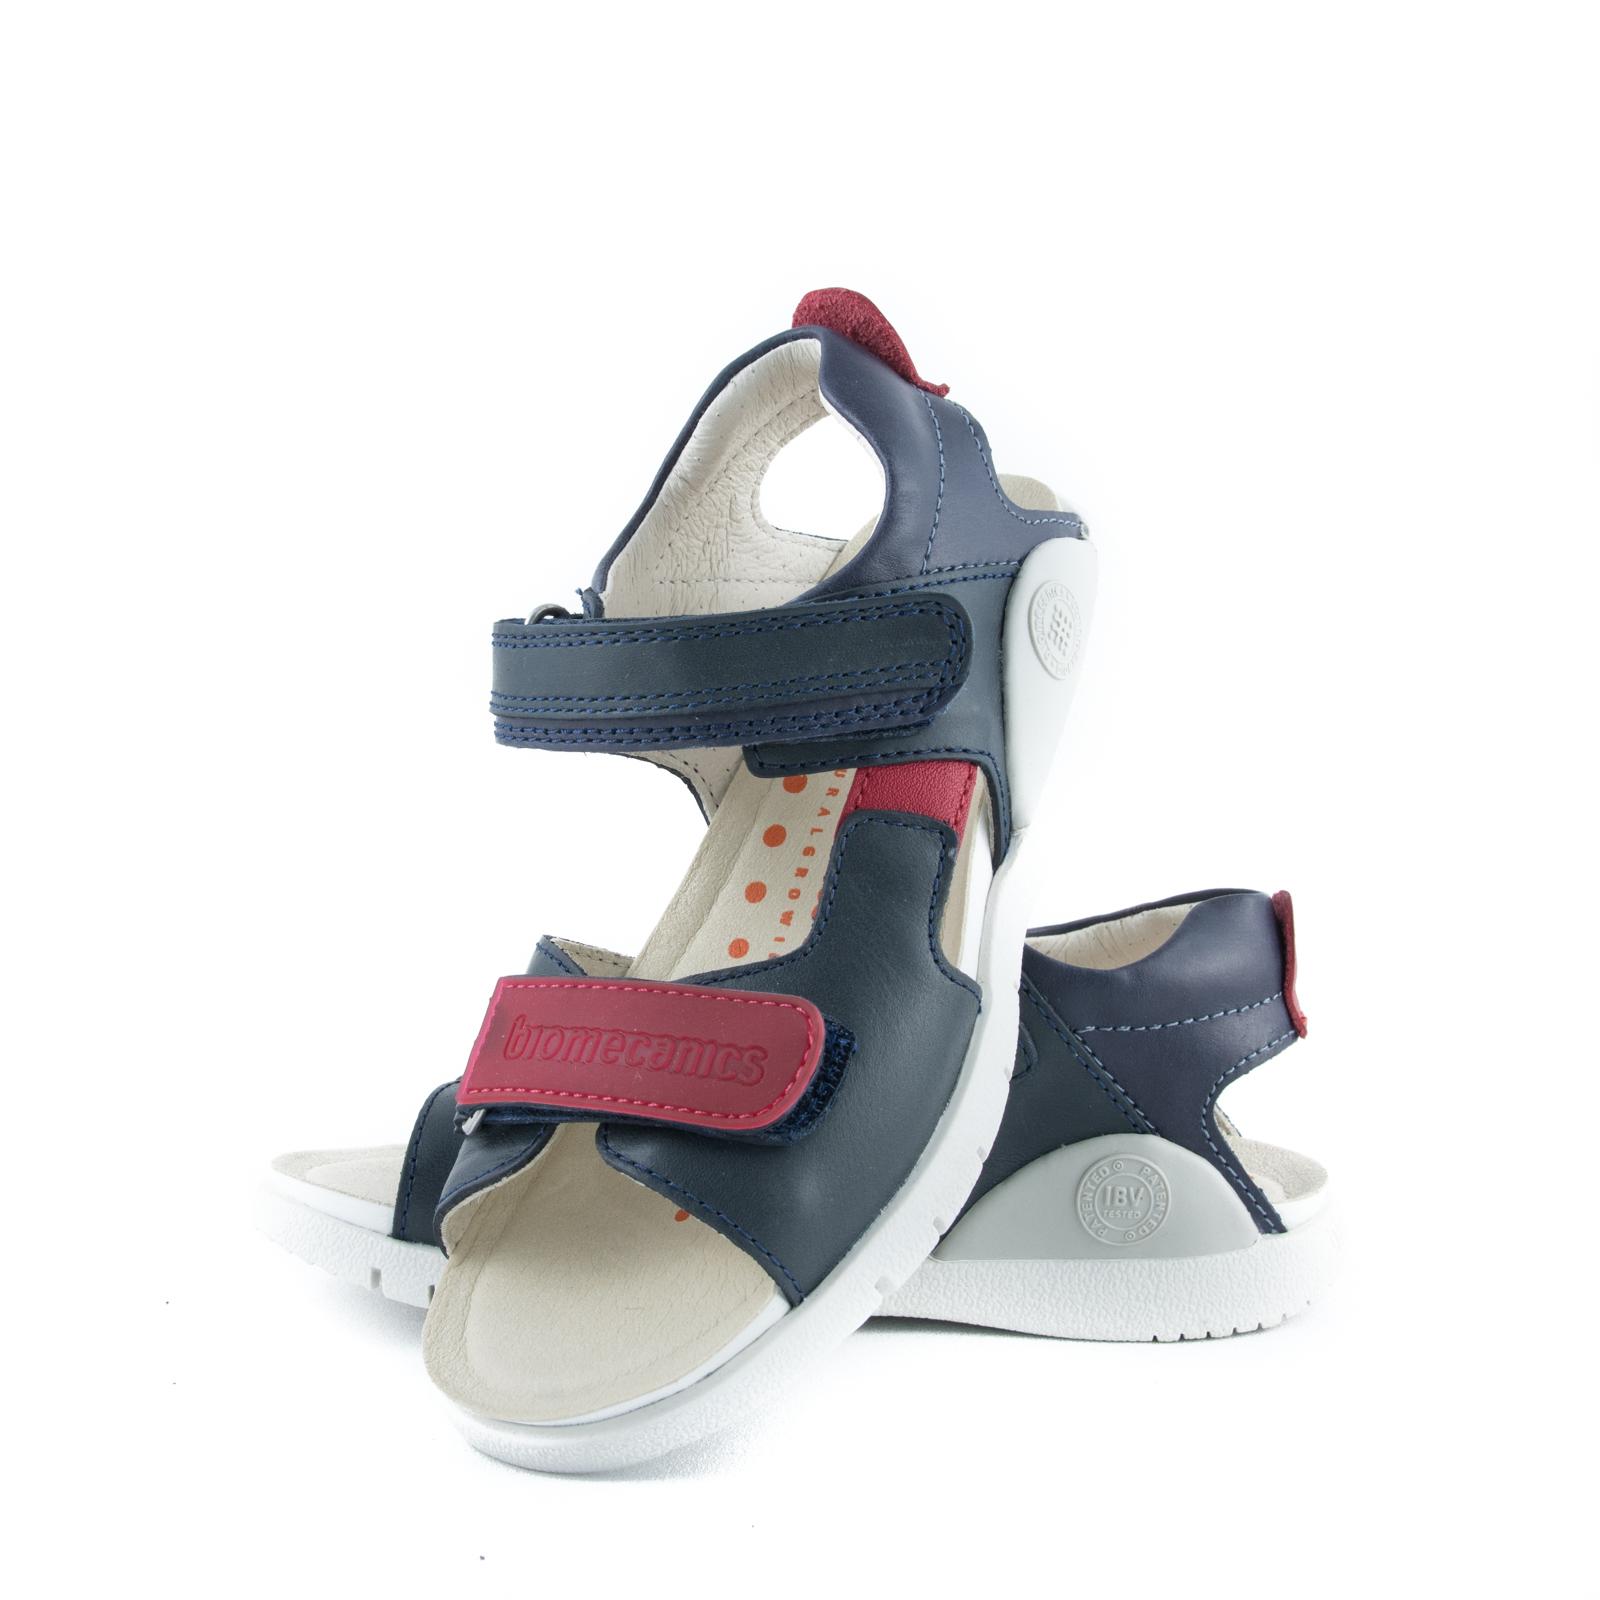 BIOMECANICS Sandals 192184. Before £39.95